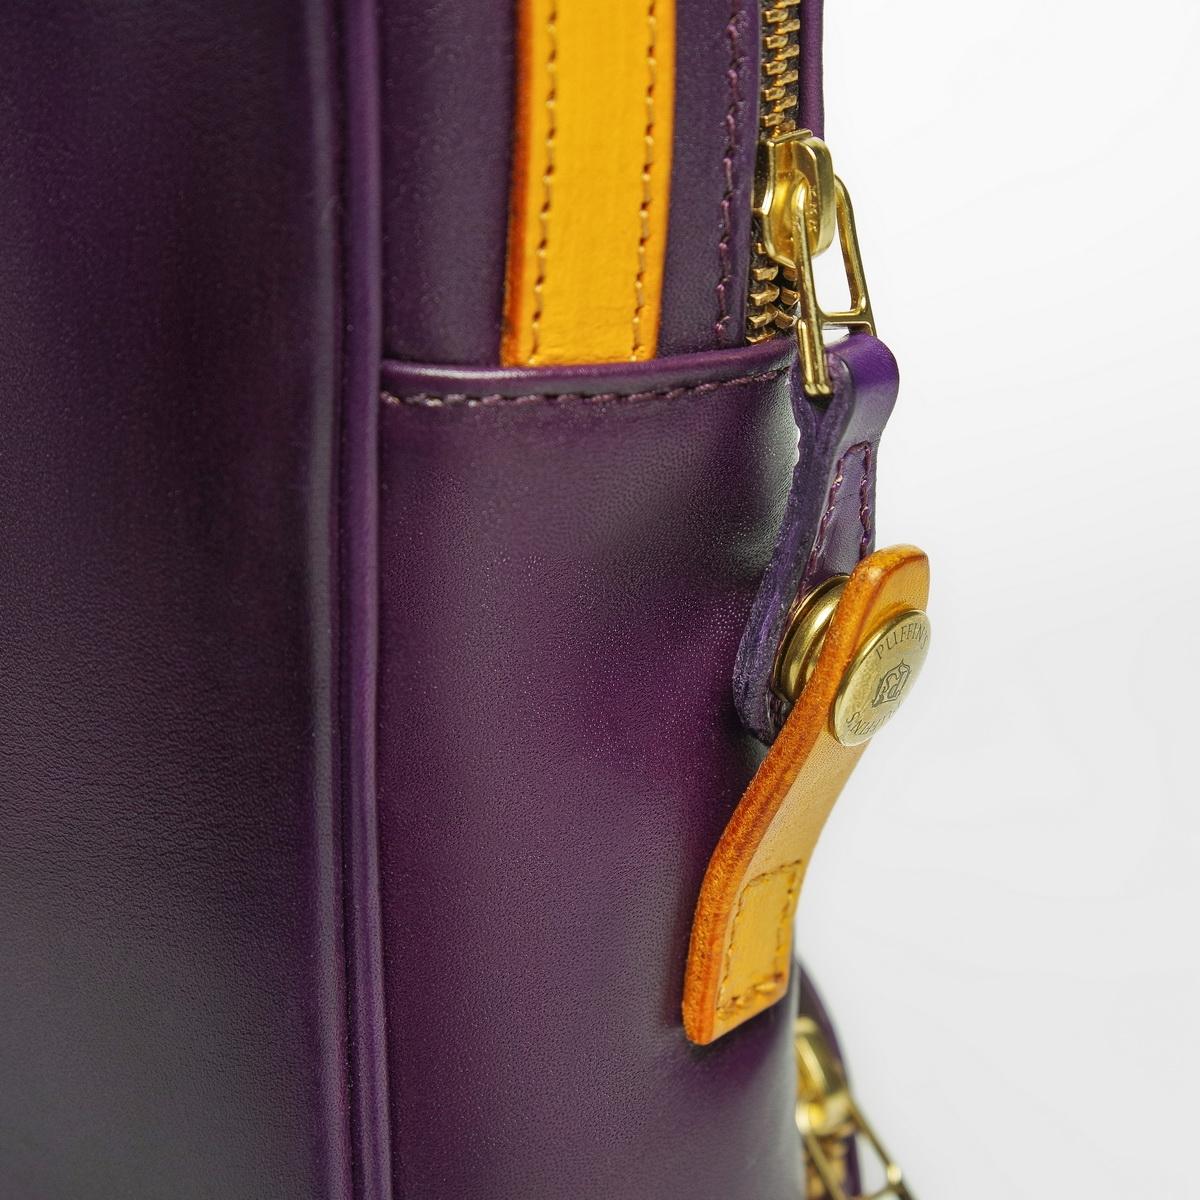 Crossbody bag-transformer CHELSEA bright mustard & violet ink